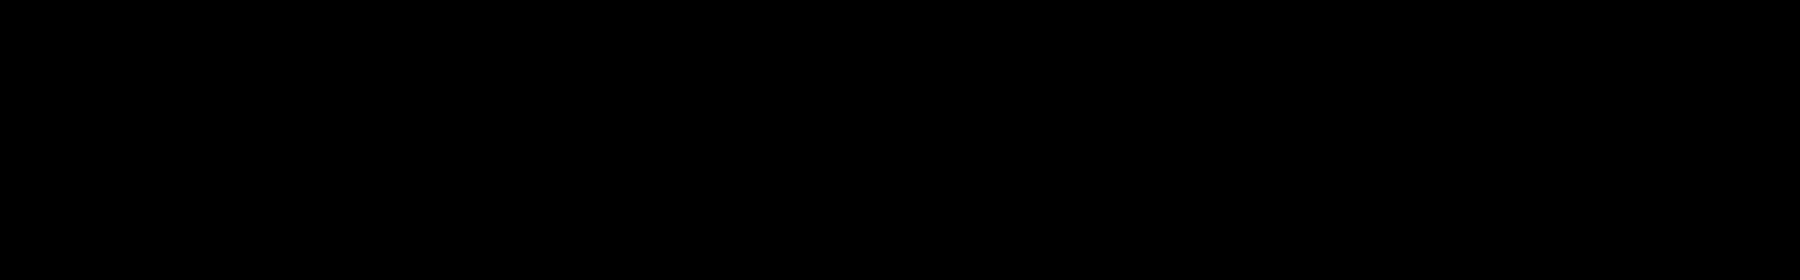 QUANTUM audio waveform